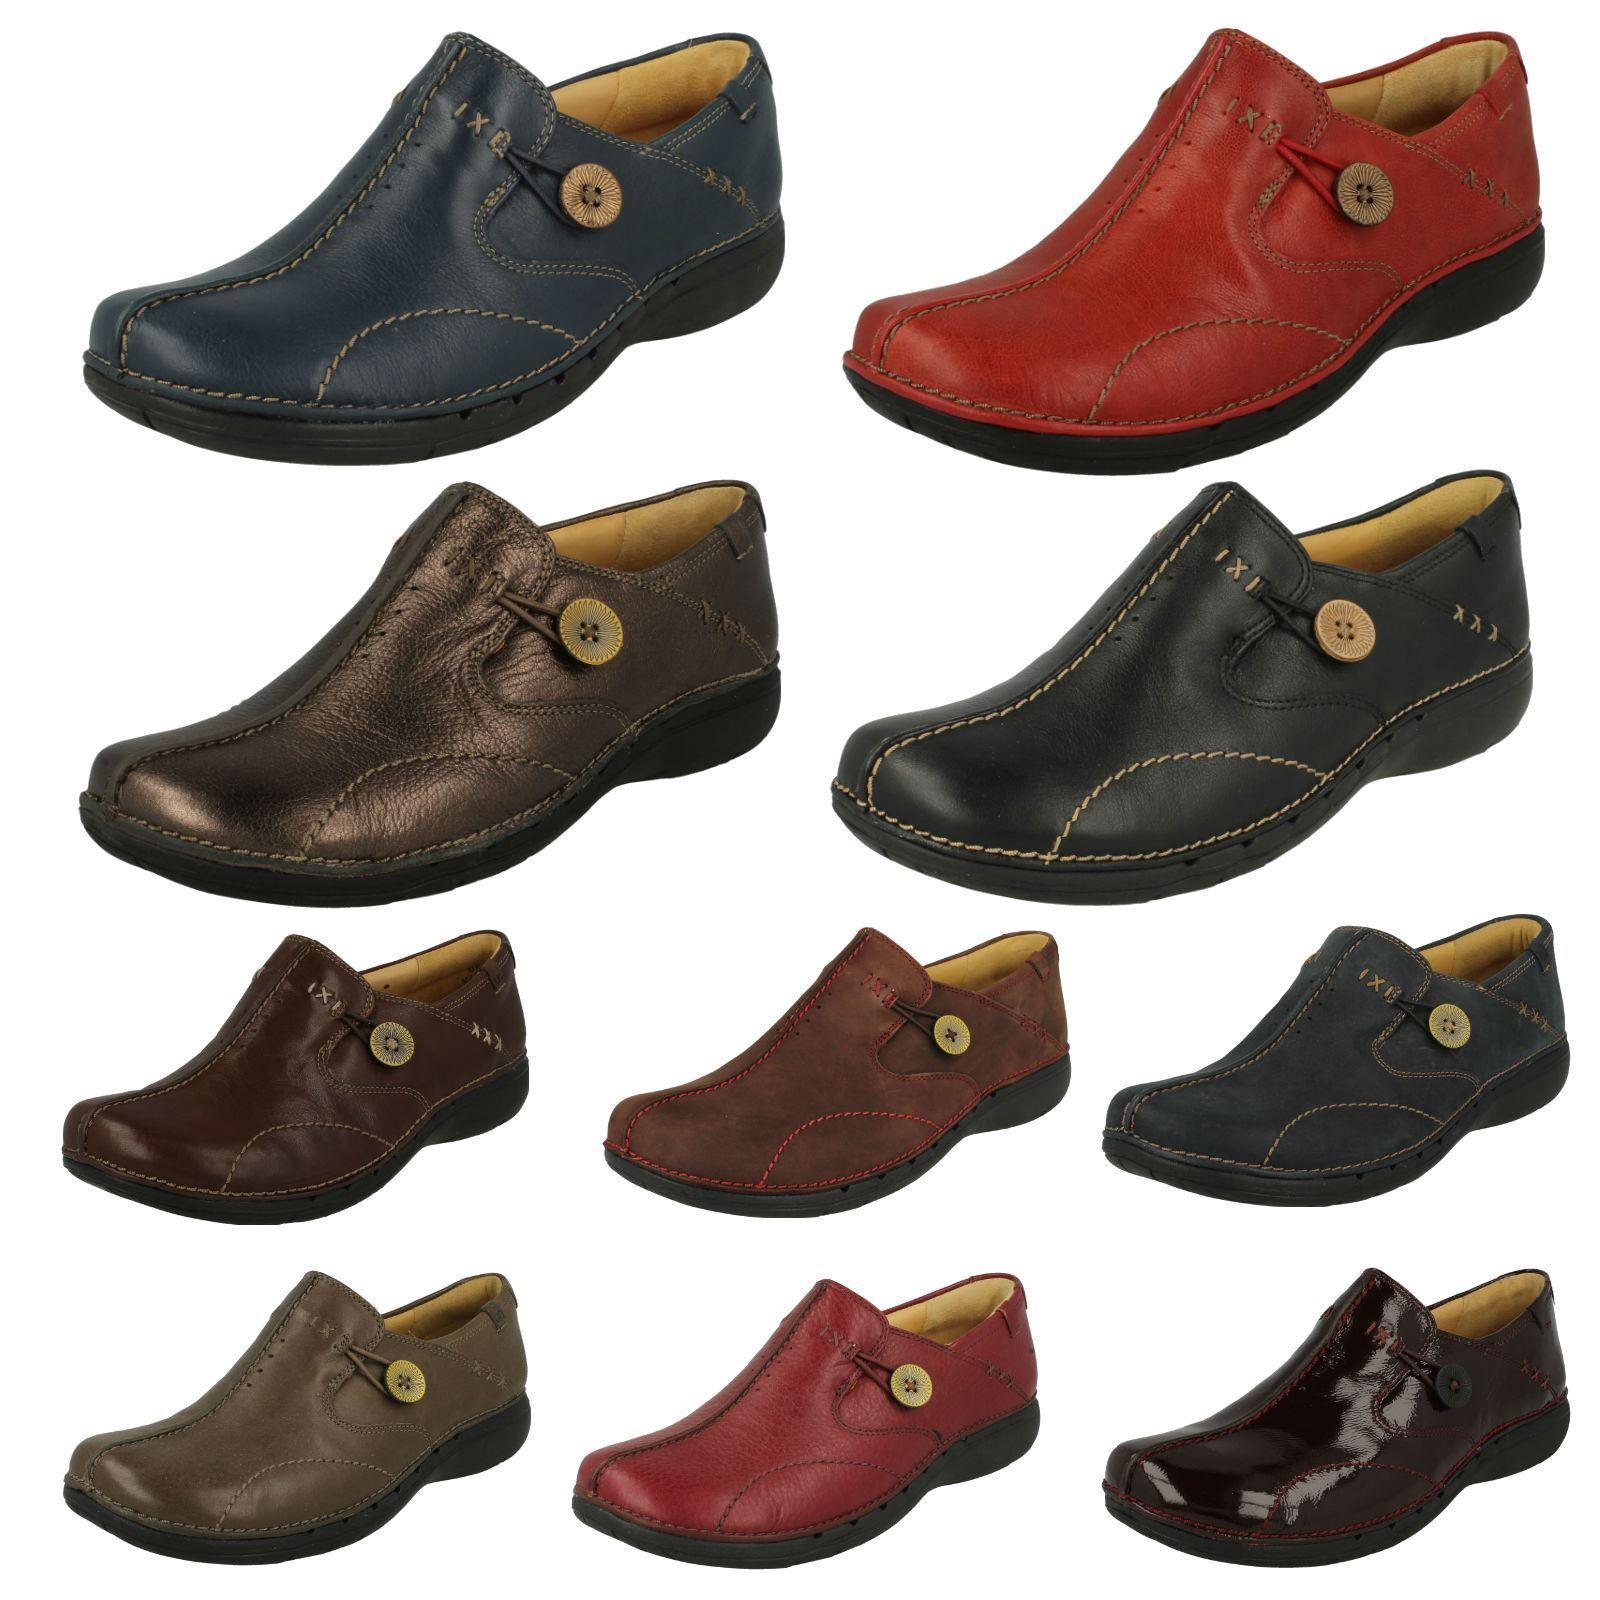 Zapatos casuales salvajes Descuento por tiempo limitado Ladies Clarks Un Structured Slip On Shoes 'Un Loop'